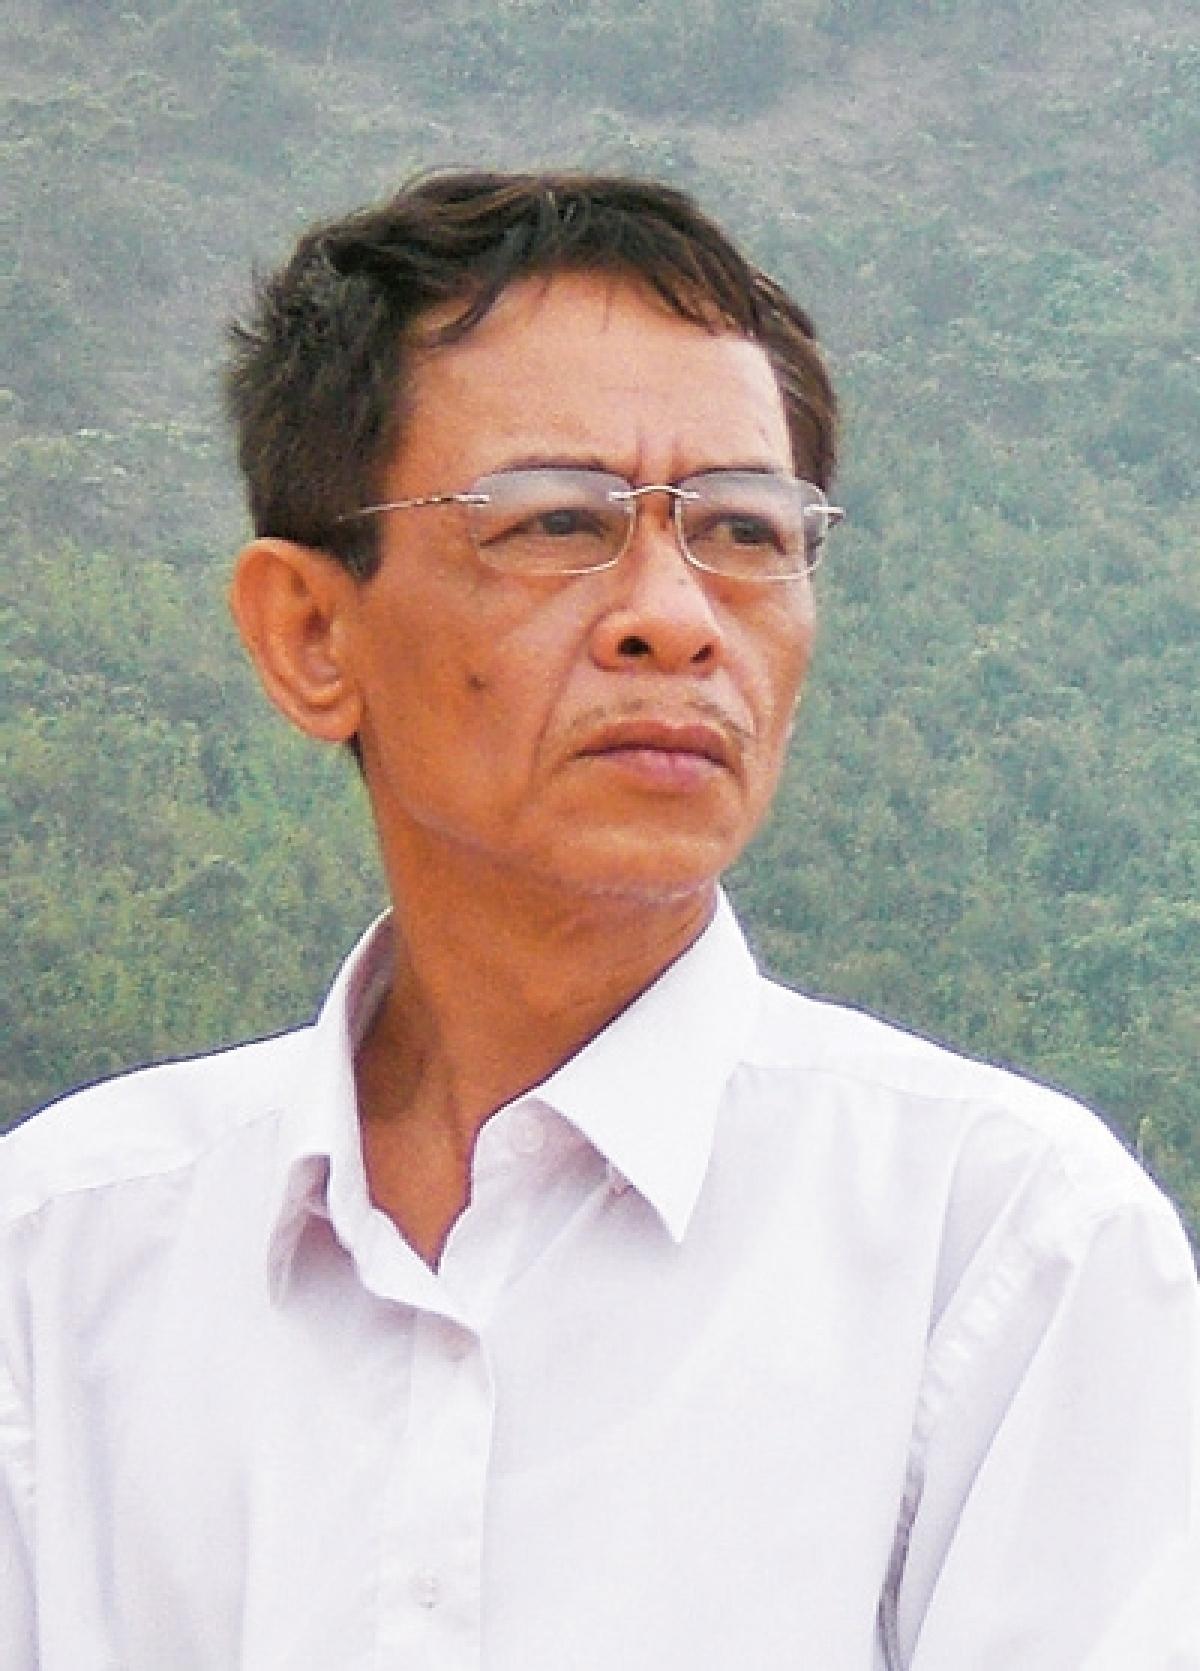 Nhà thơ Hoàng Nhuận Cầm. (Ảnh: KT)